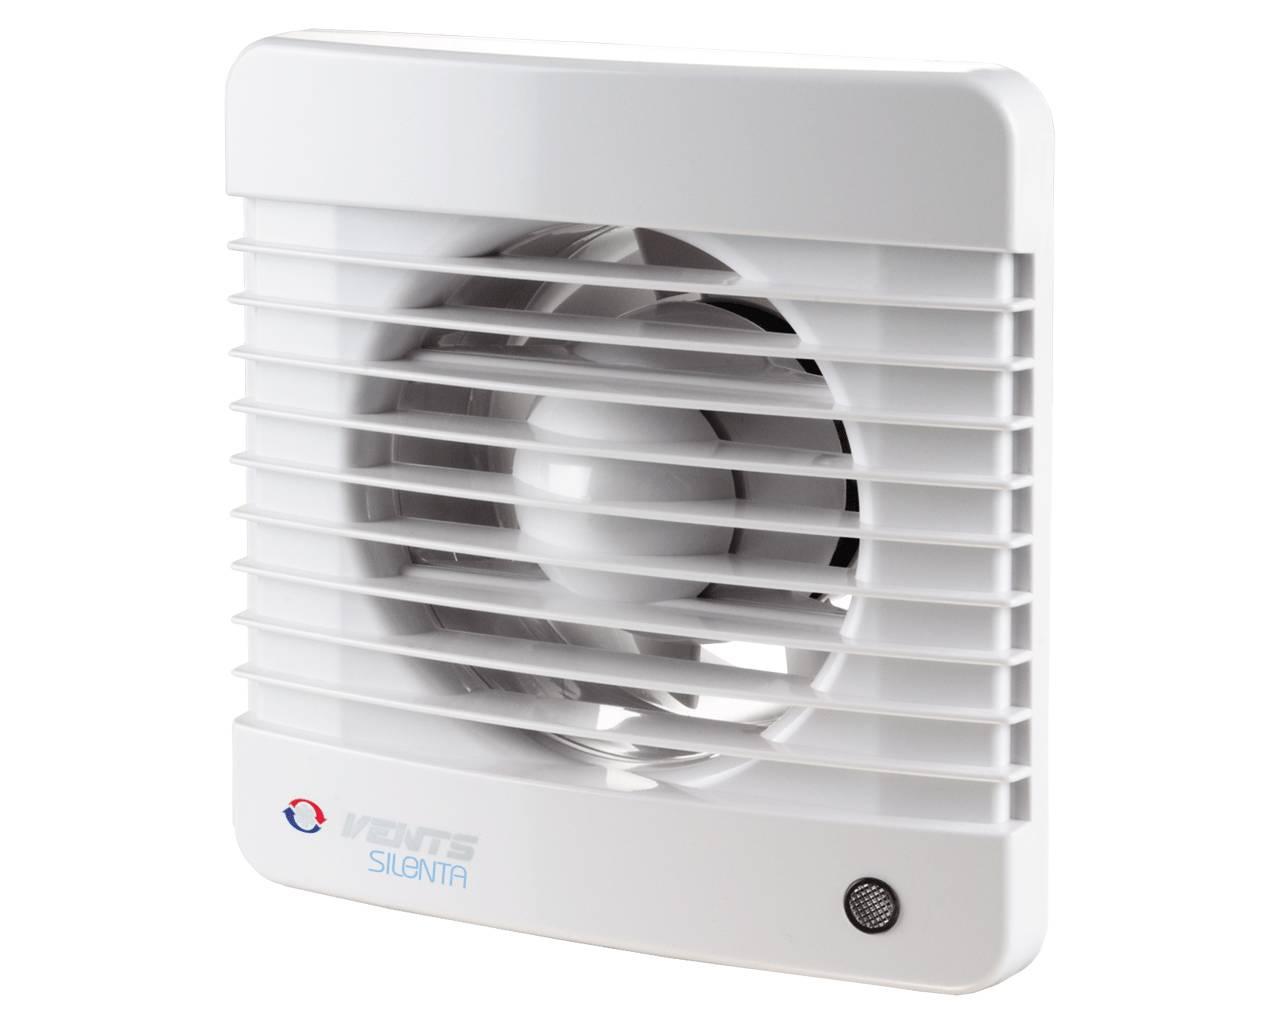 Как выбрать вентилятор на вытяжку для ванной комнаты — виды и характеристики (фото, видео)